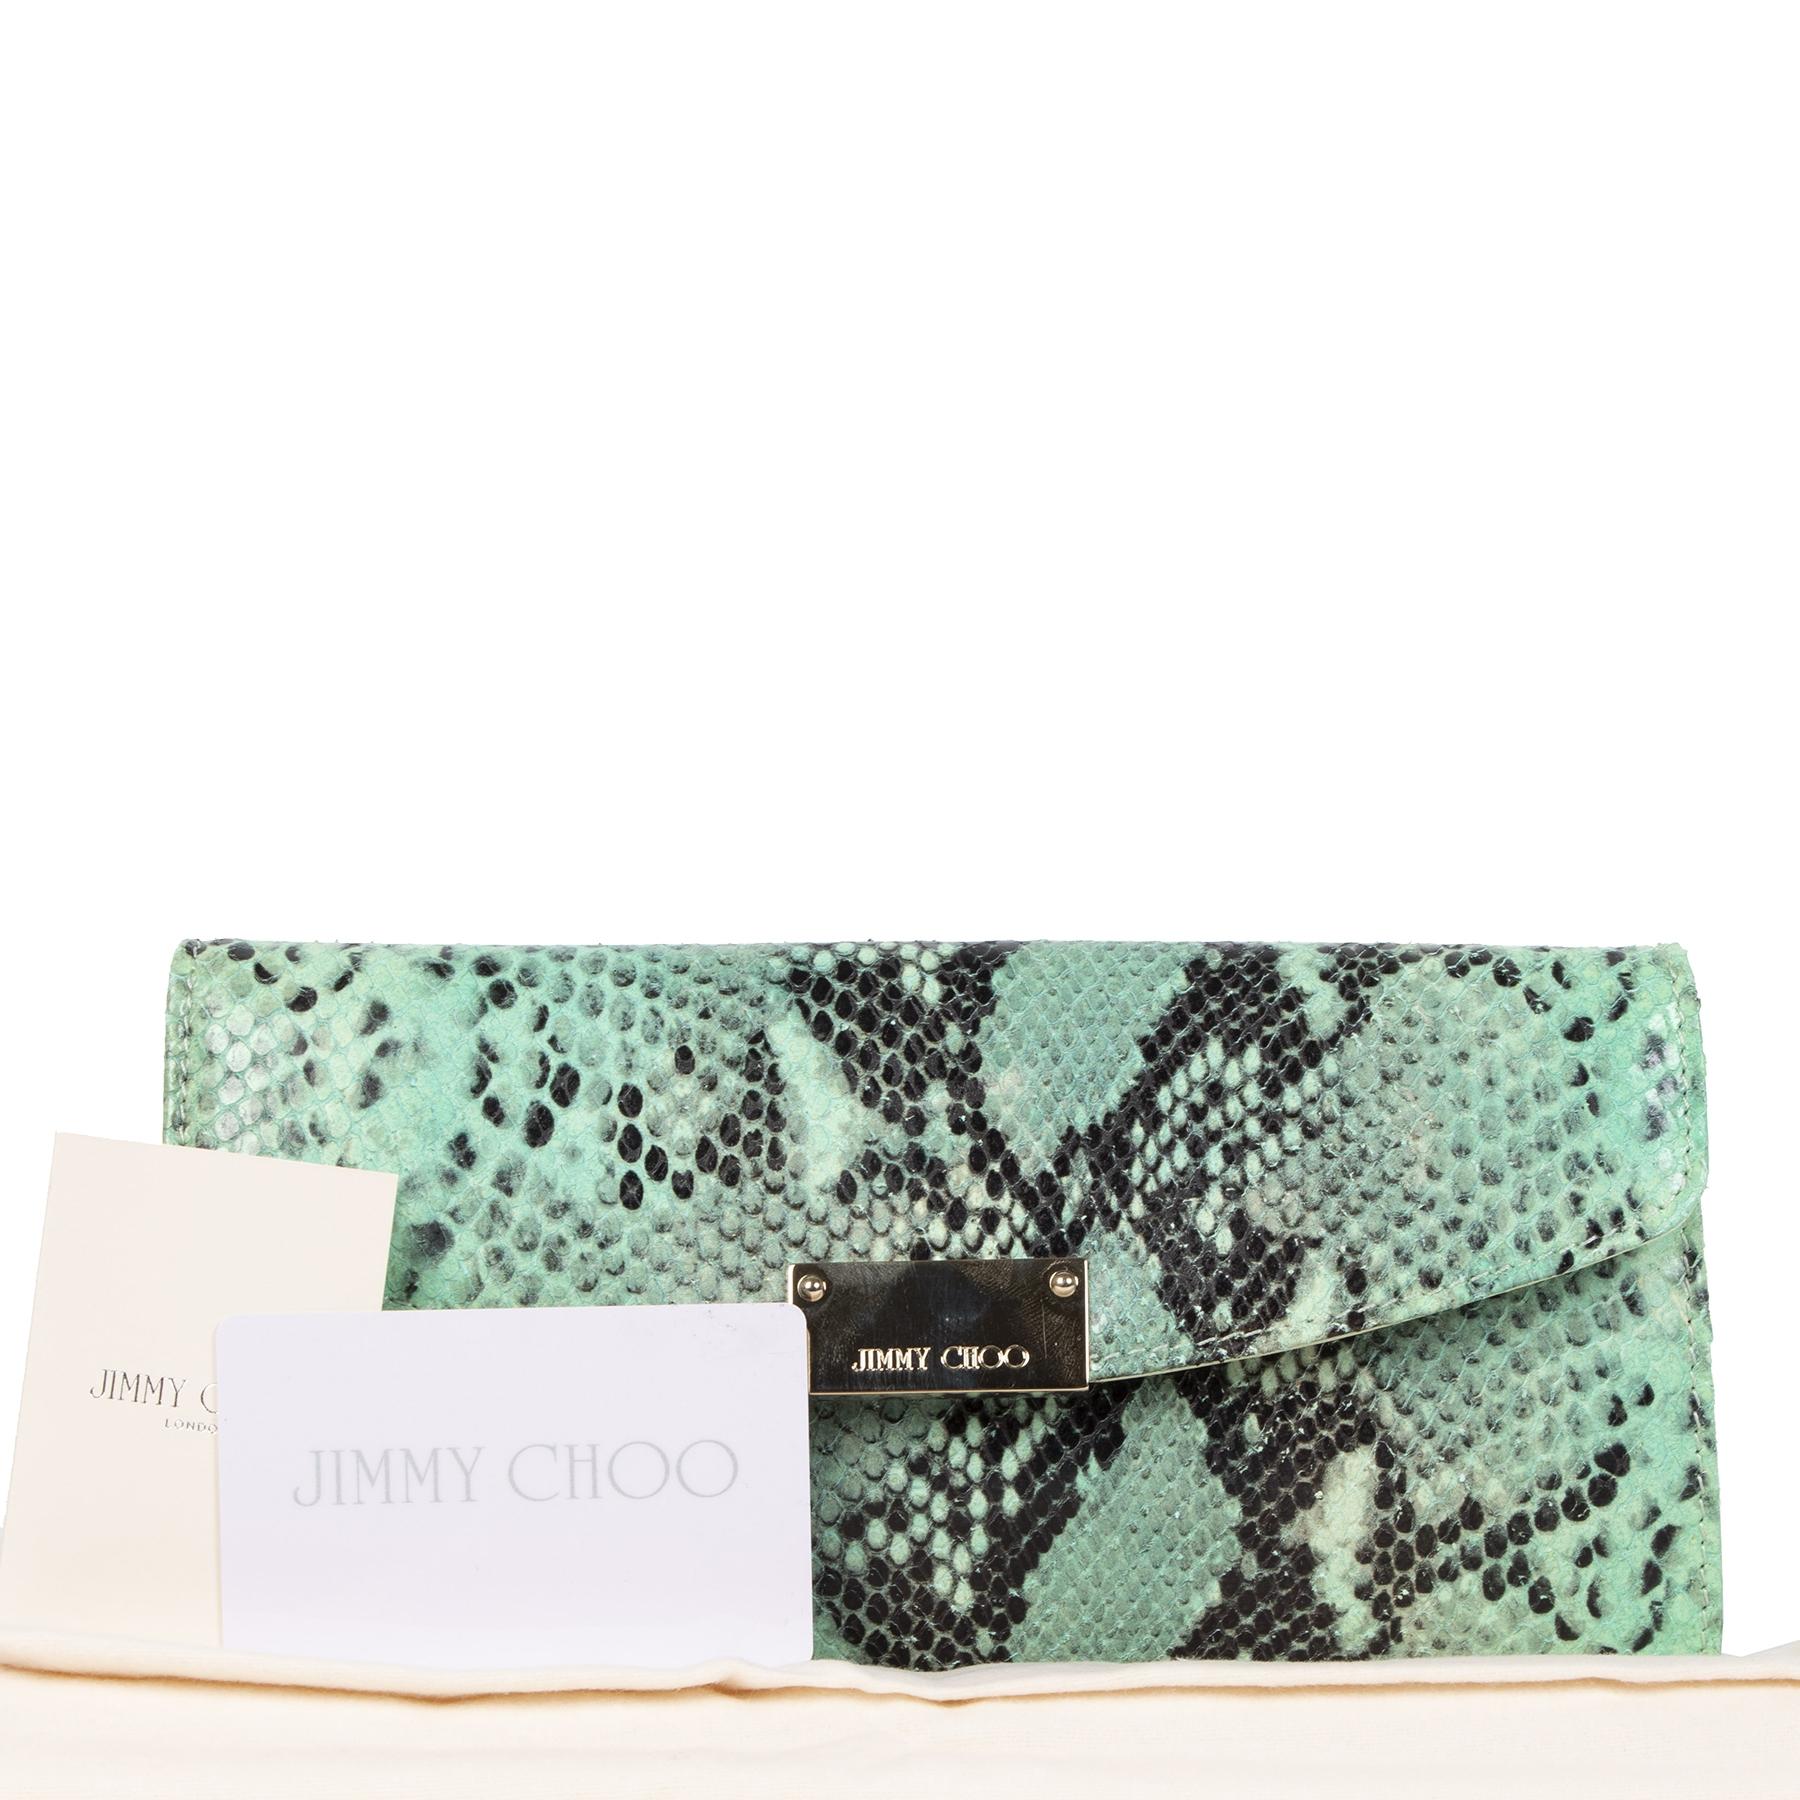 Jimmy Choo Green Python Clutch kopen en verkopen aan de beste prijs bij Labellov tweedehands luxe